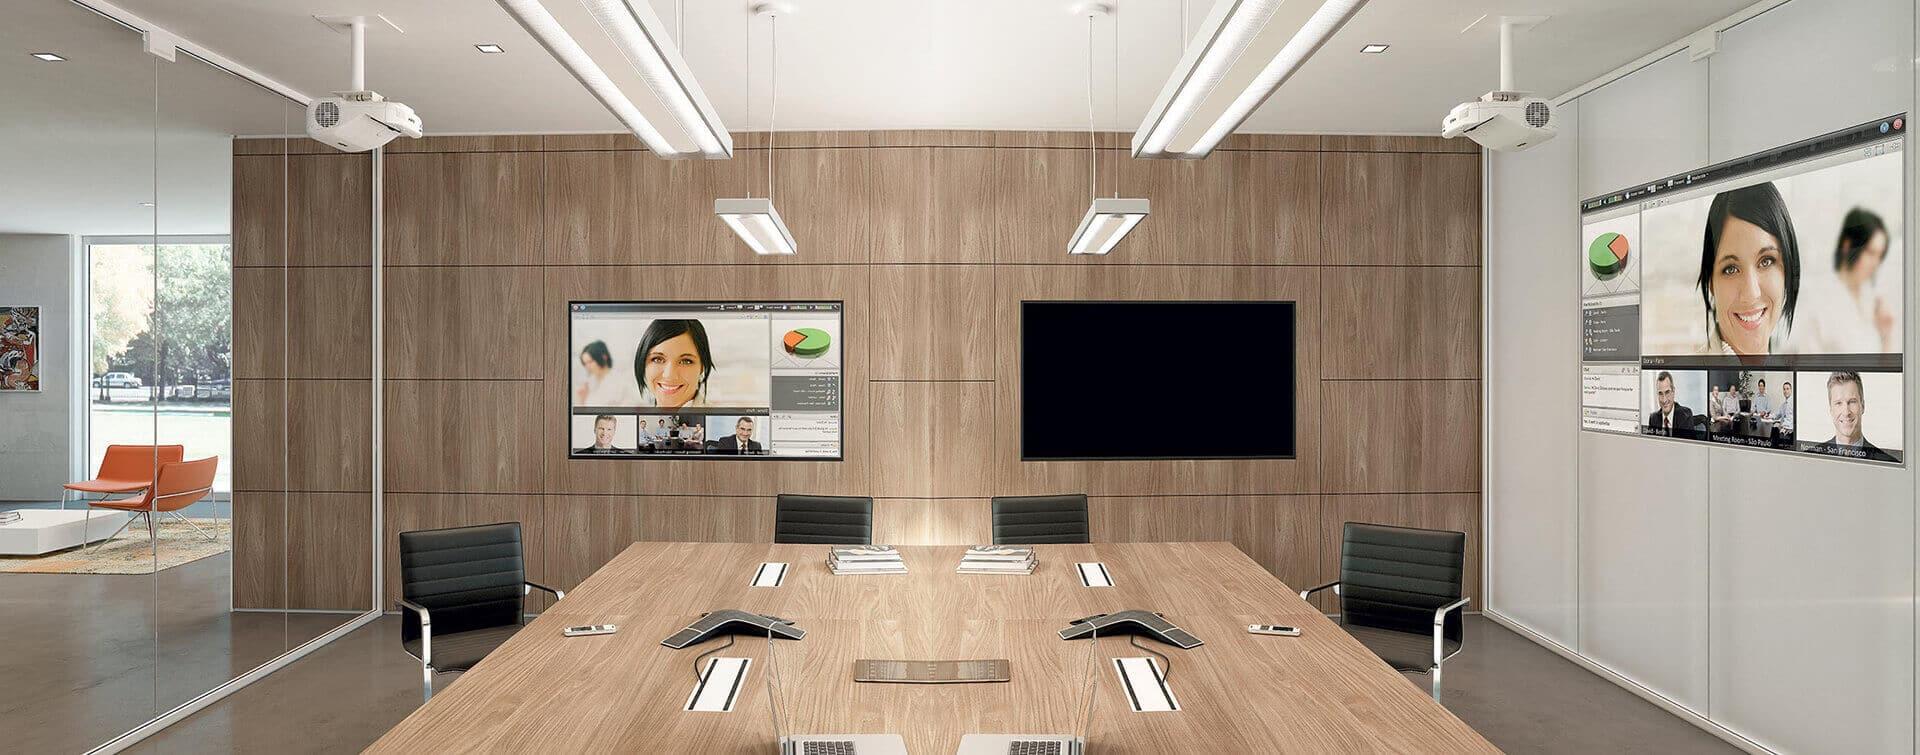 Divida sus espacios de oficina con mamparas. Fácil sin obras.